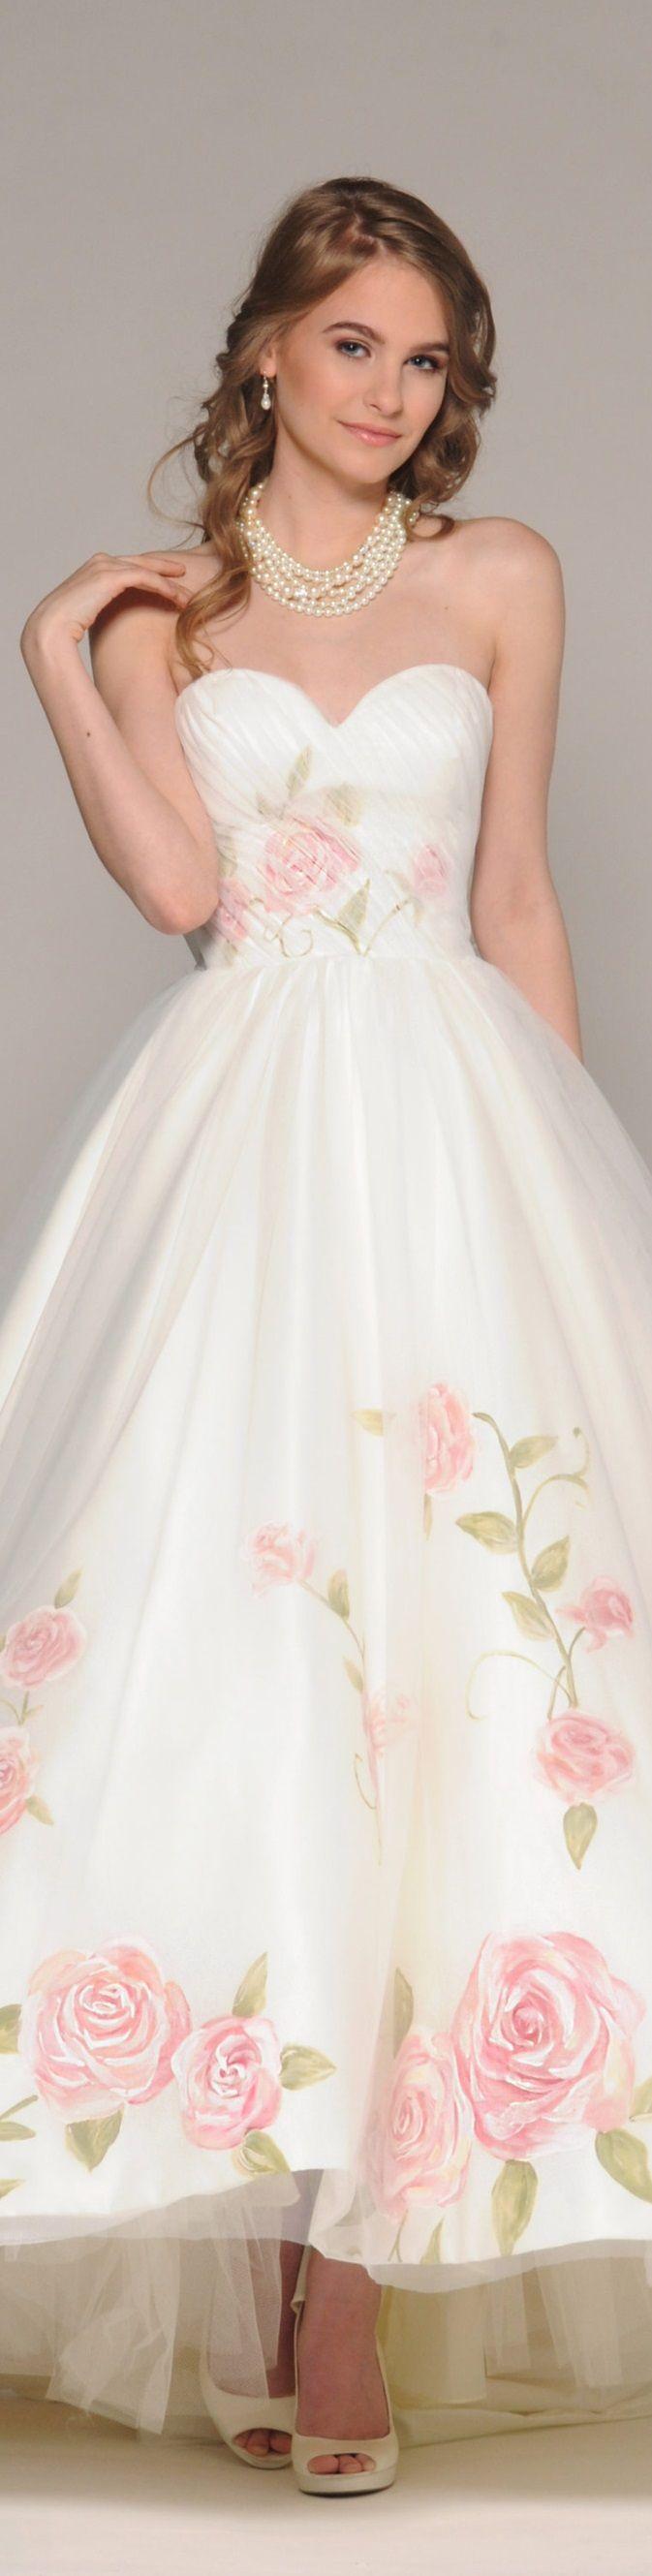 Vestidos de noiva - Coleção 2016 - Eugenia Couture                                                                                                                                                      Mais